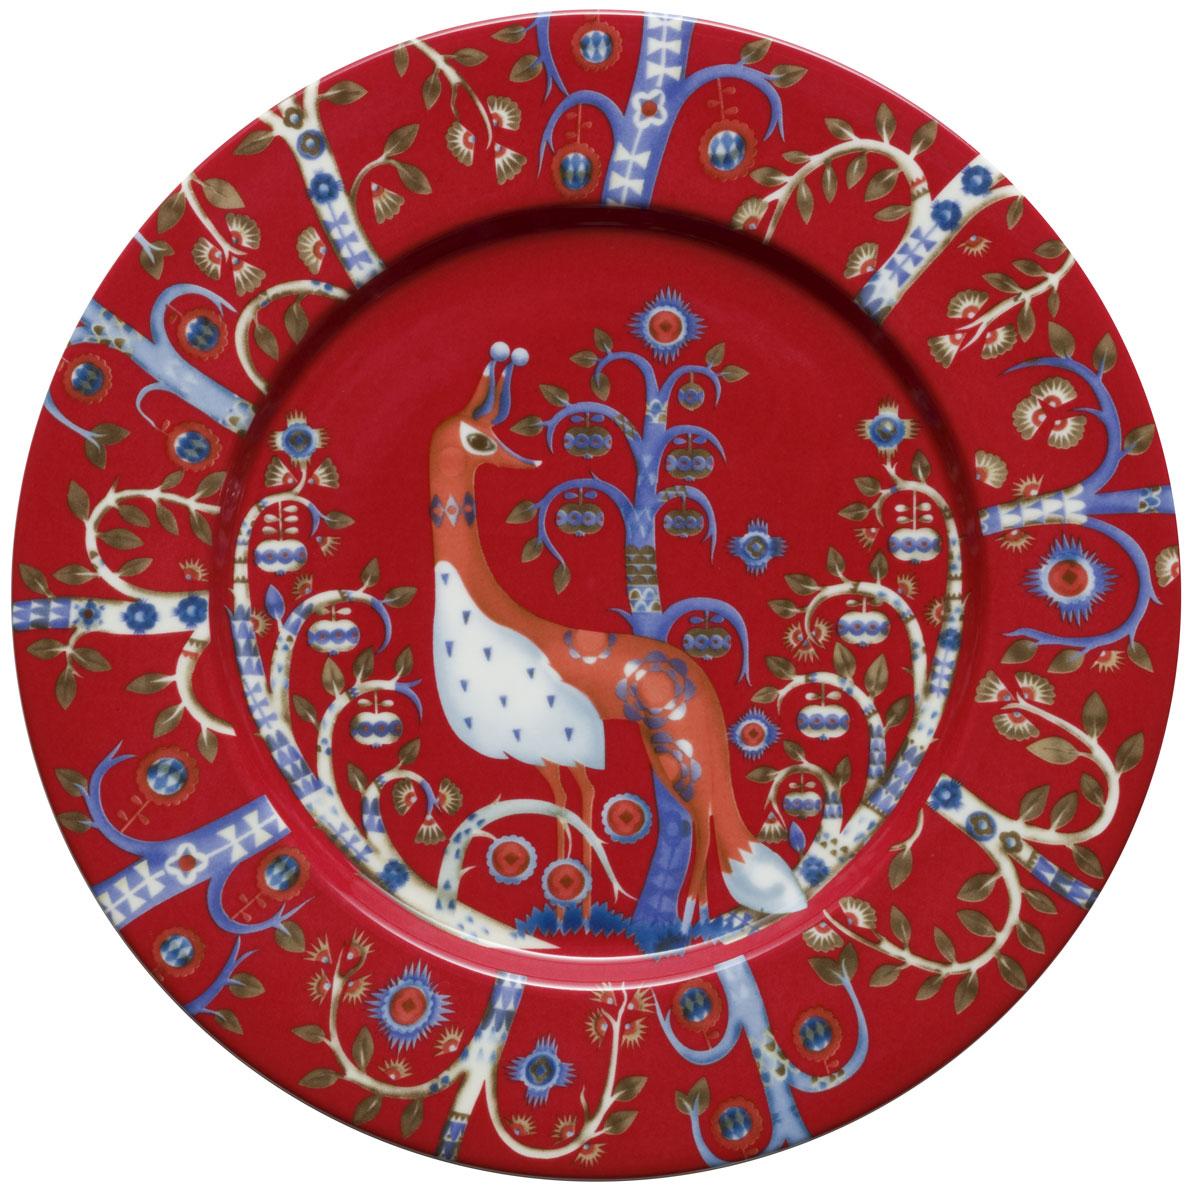 Тарелка Iittala Taika, цвет: красный, диаметр 22 см1012477Тарелка Iittala Taika выполнена из качественного жароустойчивого прочного фарфора с долговечным стекловидным эмалевым покрытием. Можно мыть в посудомоечной машине.Диаметр: 22 см.